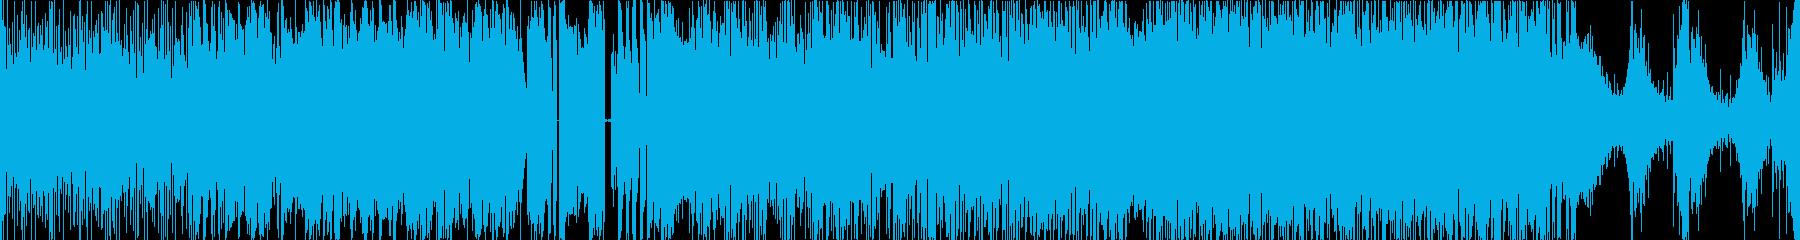 緊迫感あるEDMロックの再生済みの波形